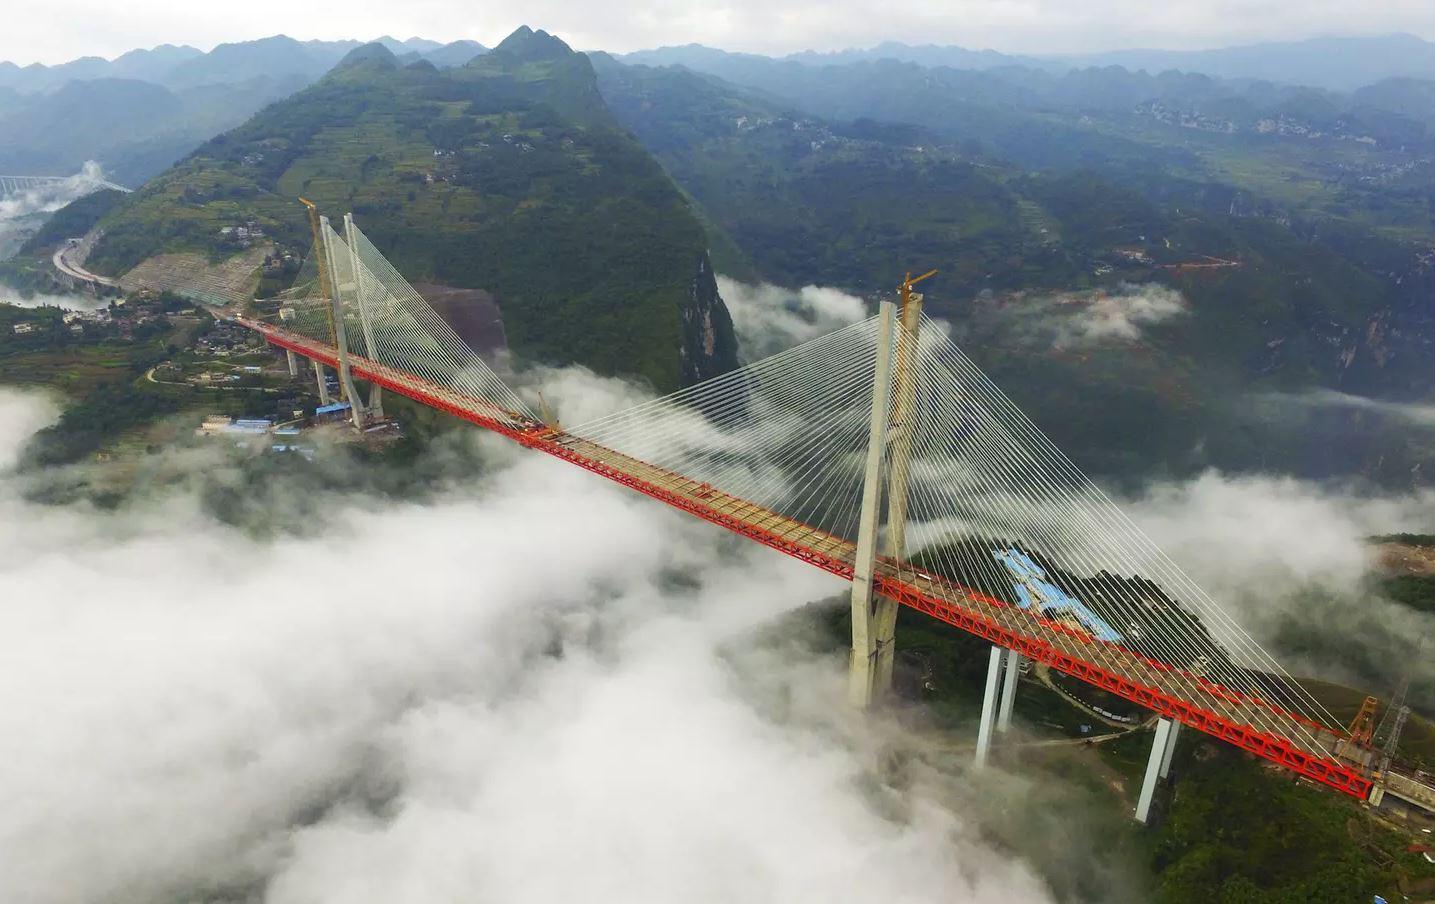 Kjo ështëura më e lartë në botë, ngrihet 565 metra mbi lumë (Video-spektakël)